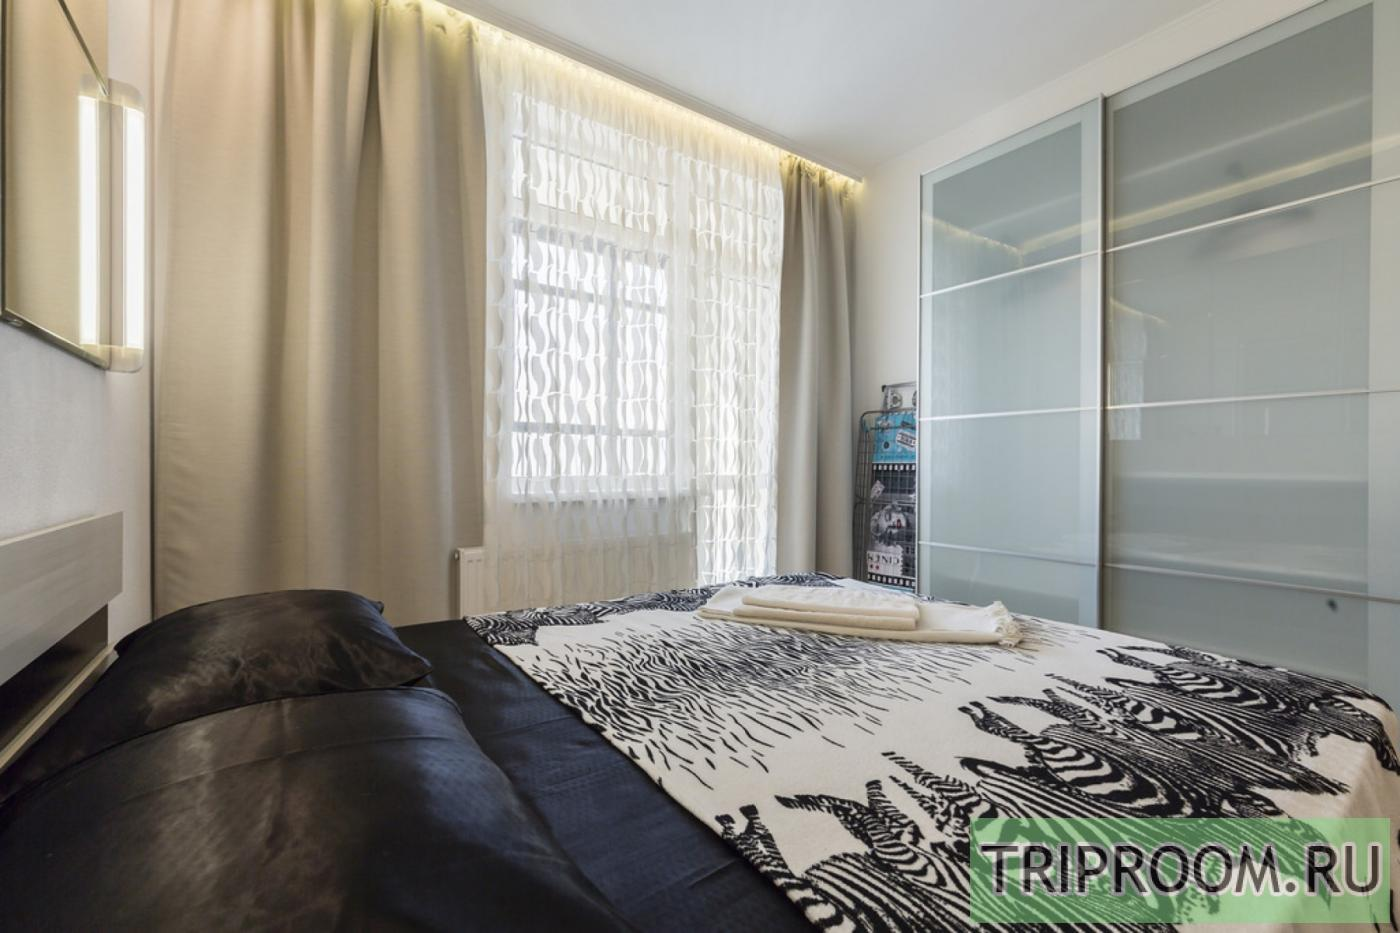 1-комнатная квартира посуточно (вариант № 18461), ул. Адмирала Черокова улица, фото № 9